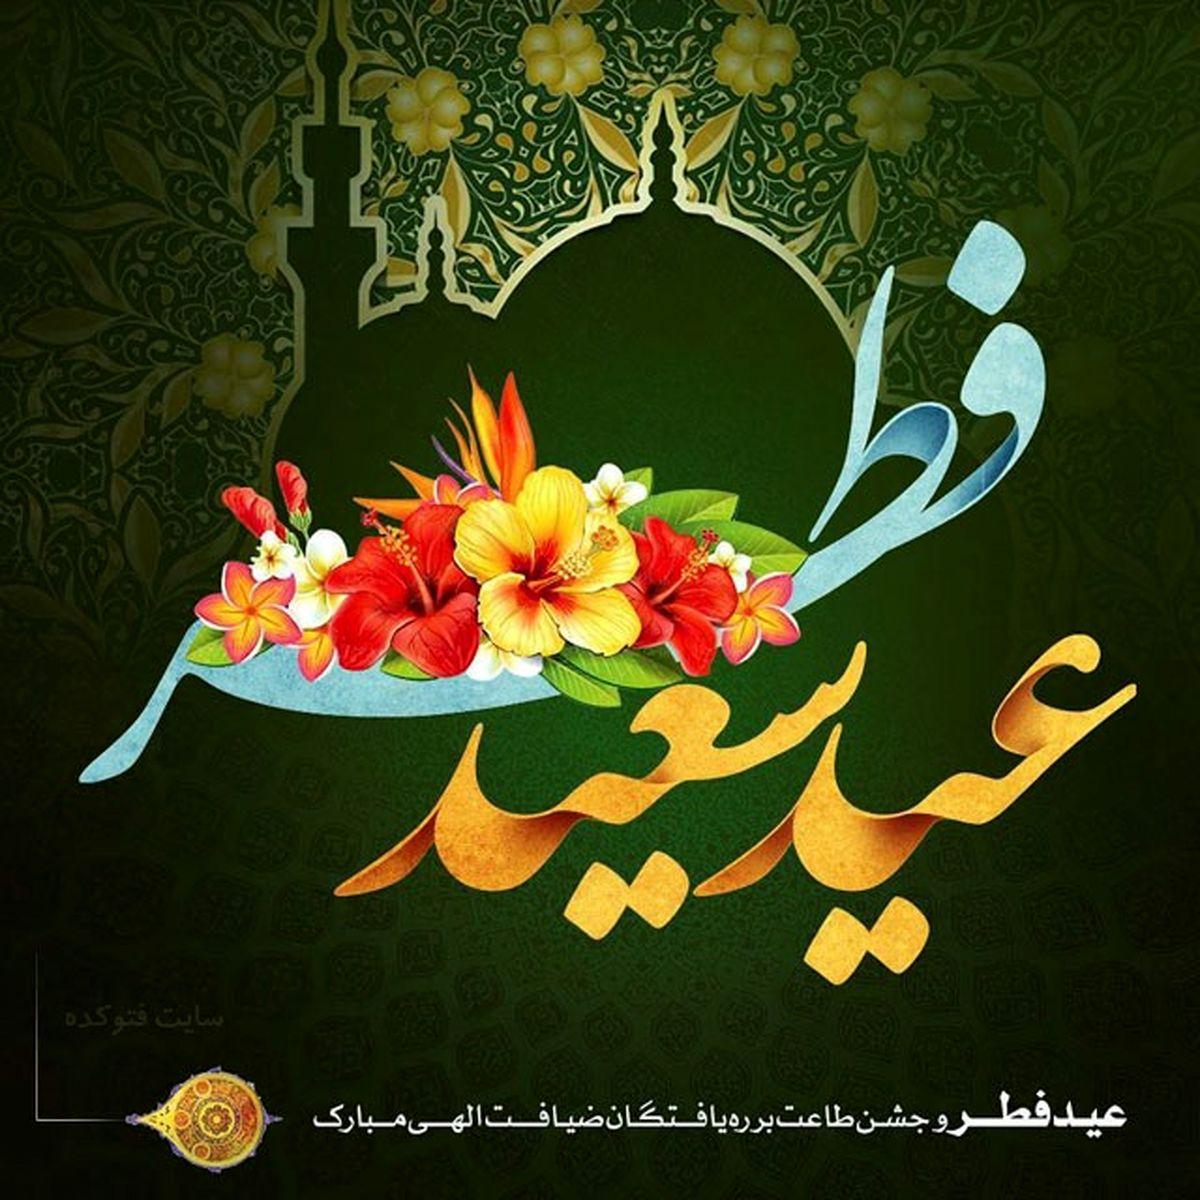 عید فطر | پیام تبریک عید فطر +عکس پروفایل